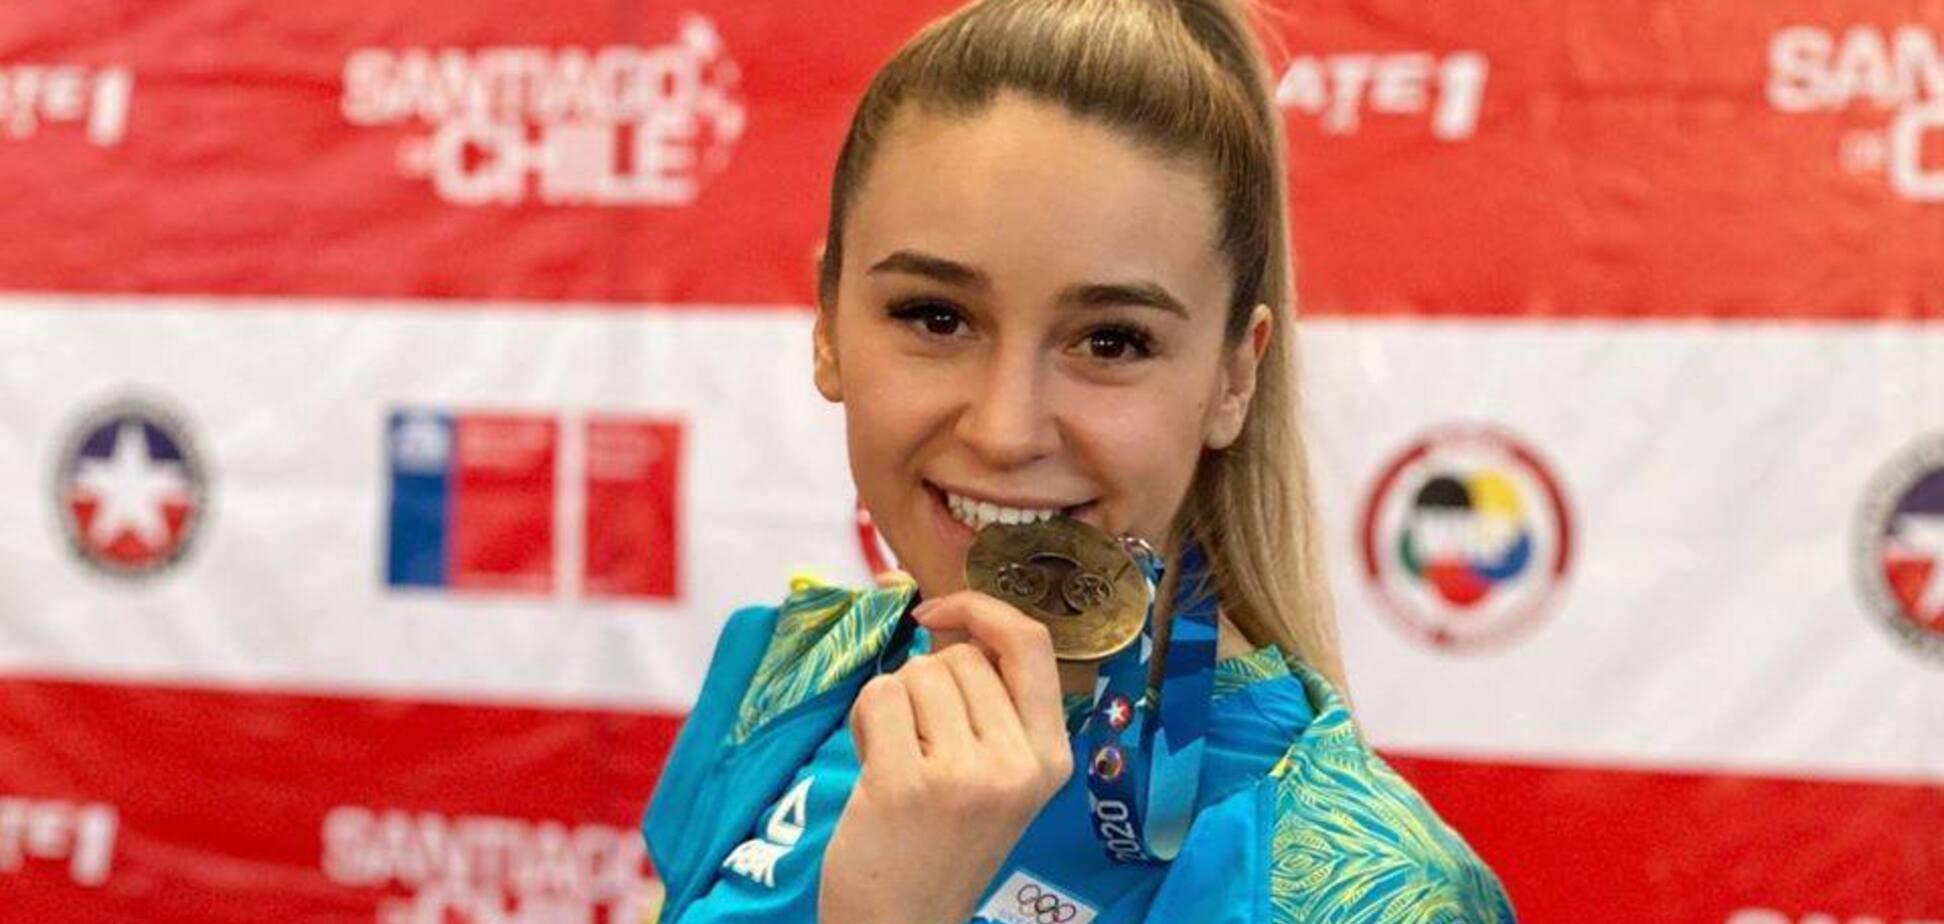 Одна з найкрасивіших українських спортсменок виграла турнір з карате в Чилі